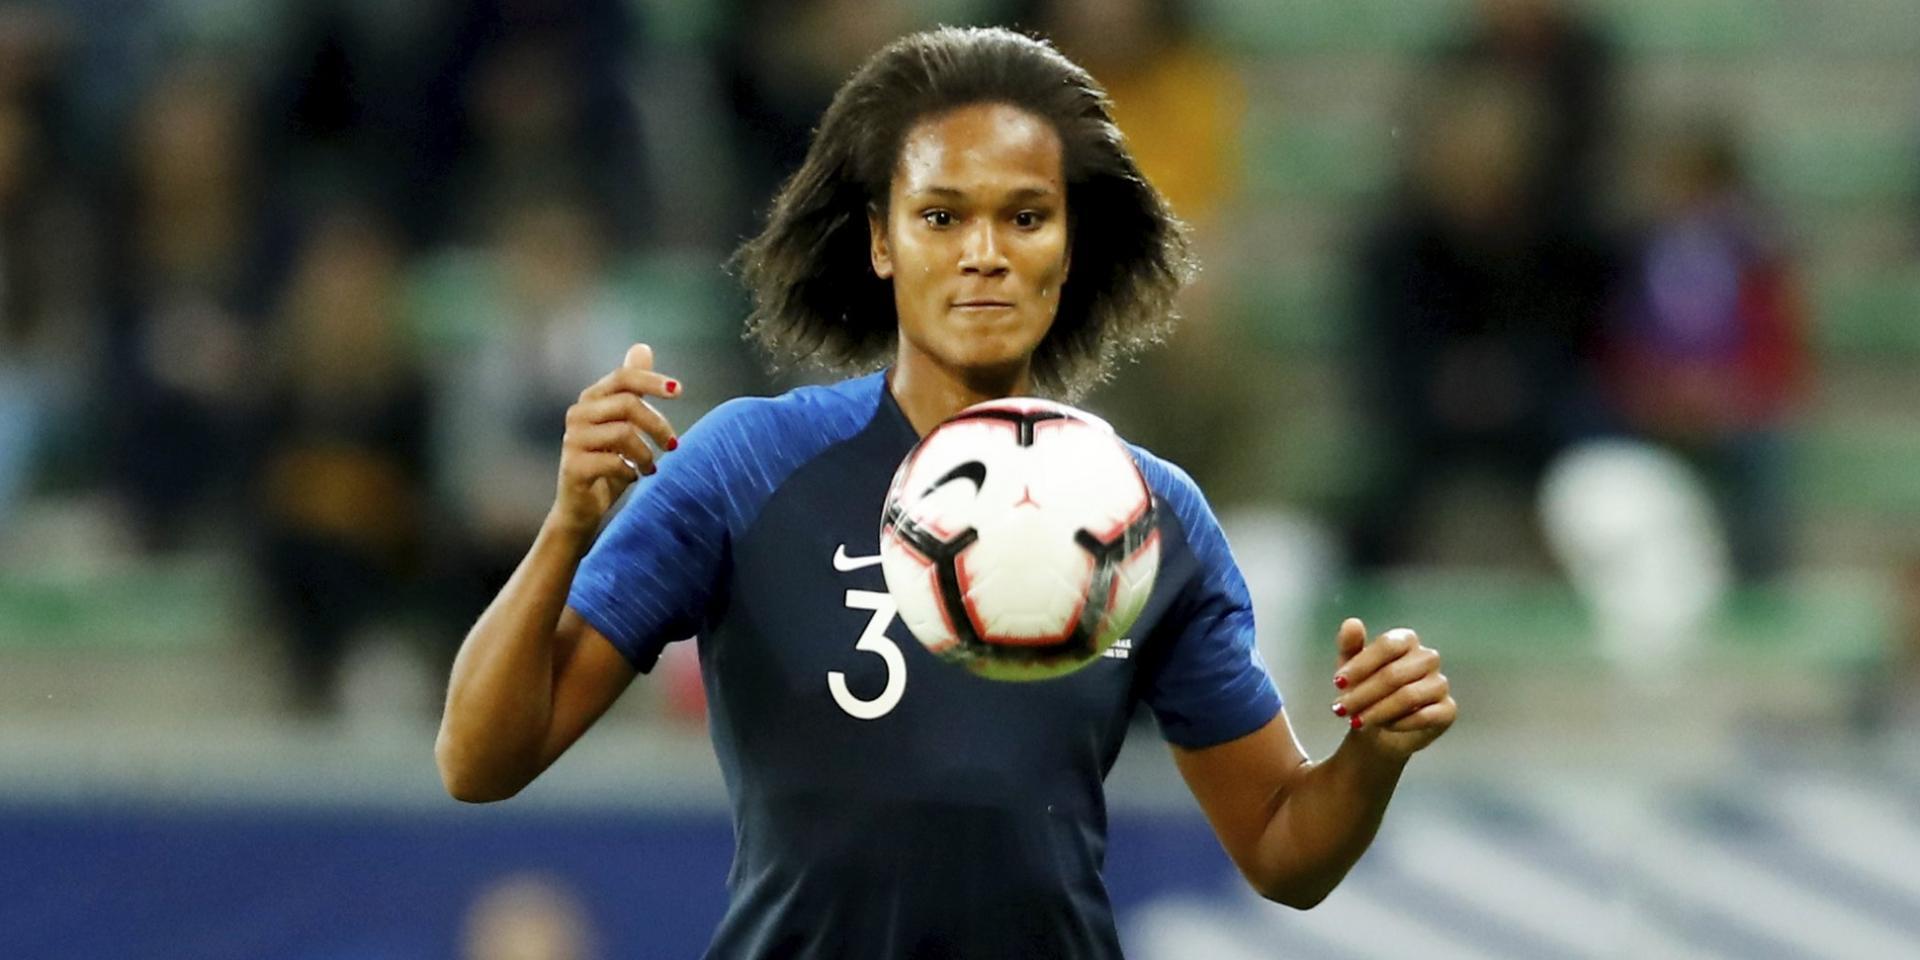 Défaite des Bleues face aux Américaines en 1/4 de finale du mondial 2019